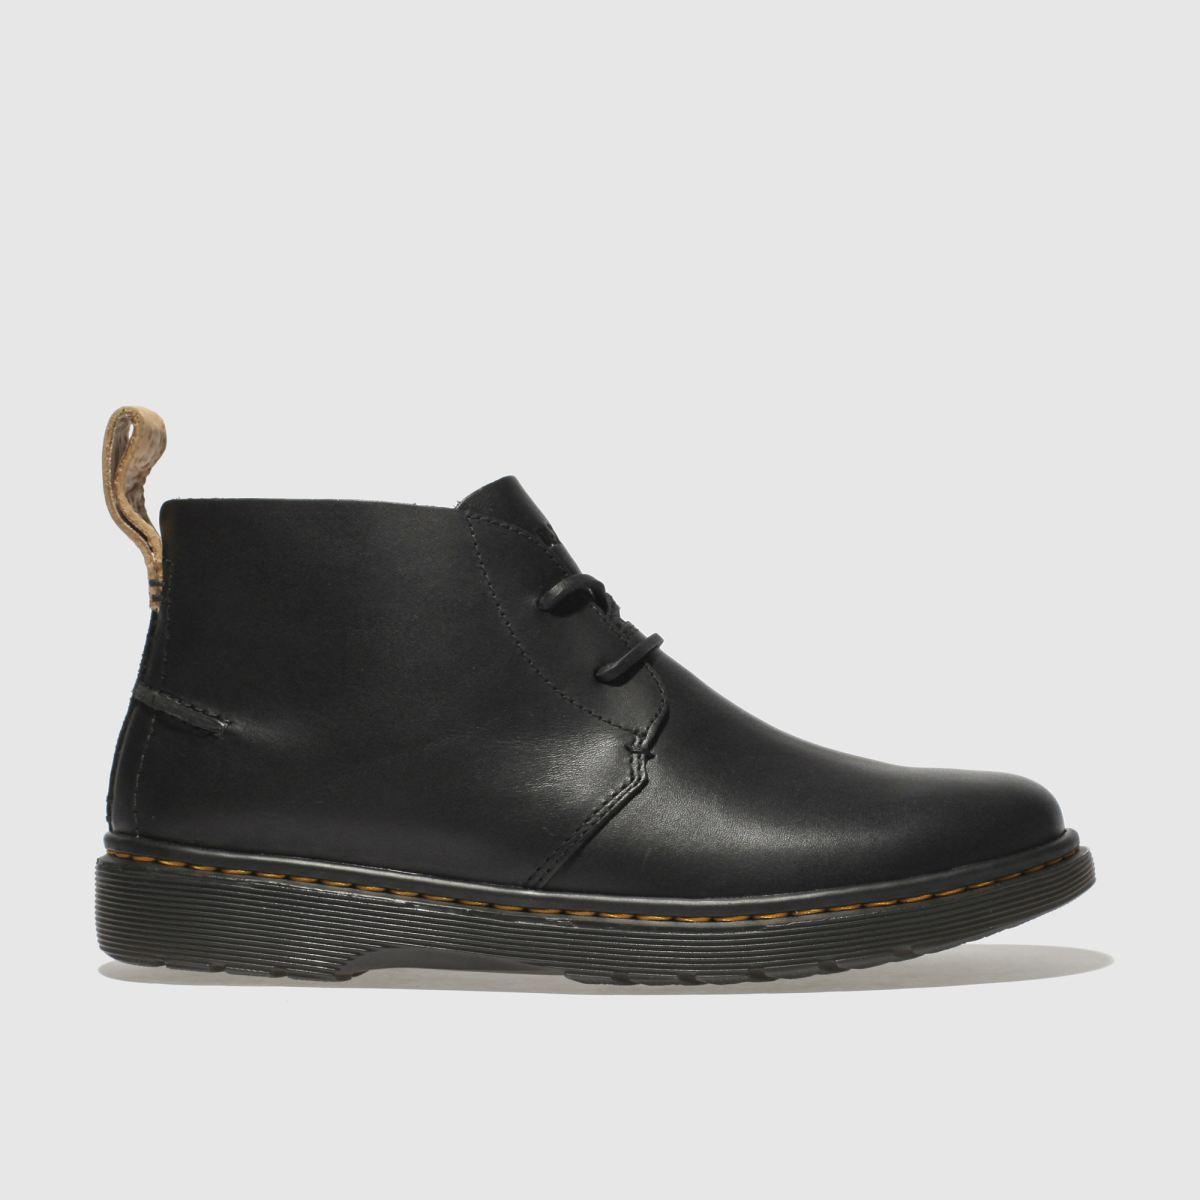 Dr Martens Black Ember Boots